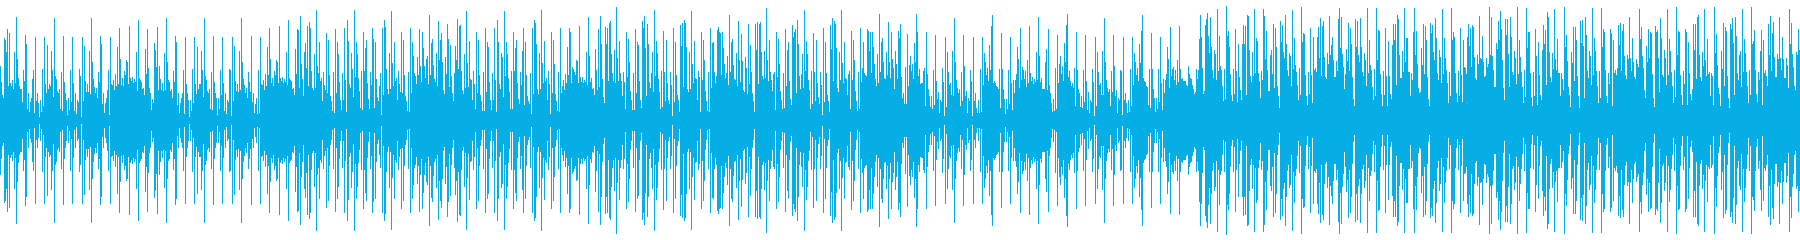 *ループ素材 クールなディープハウス1の再生済みの波形